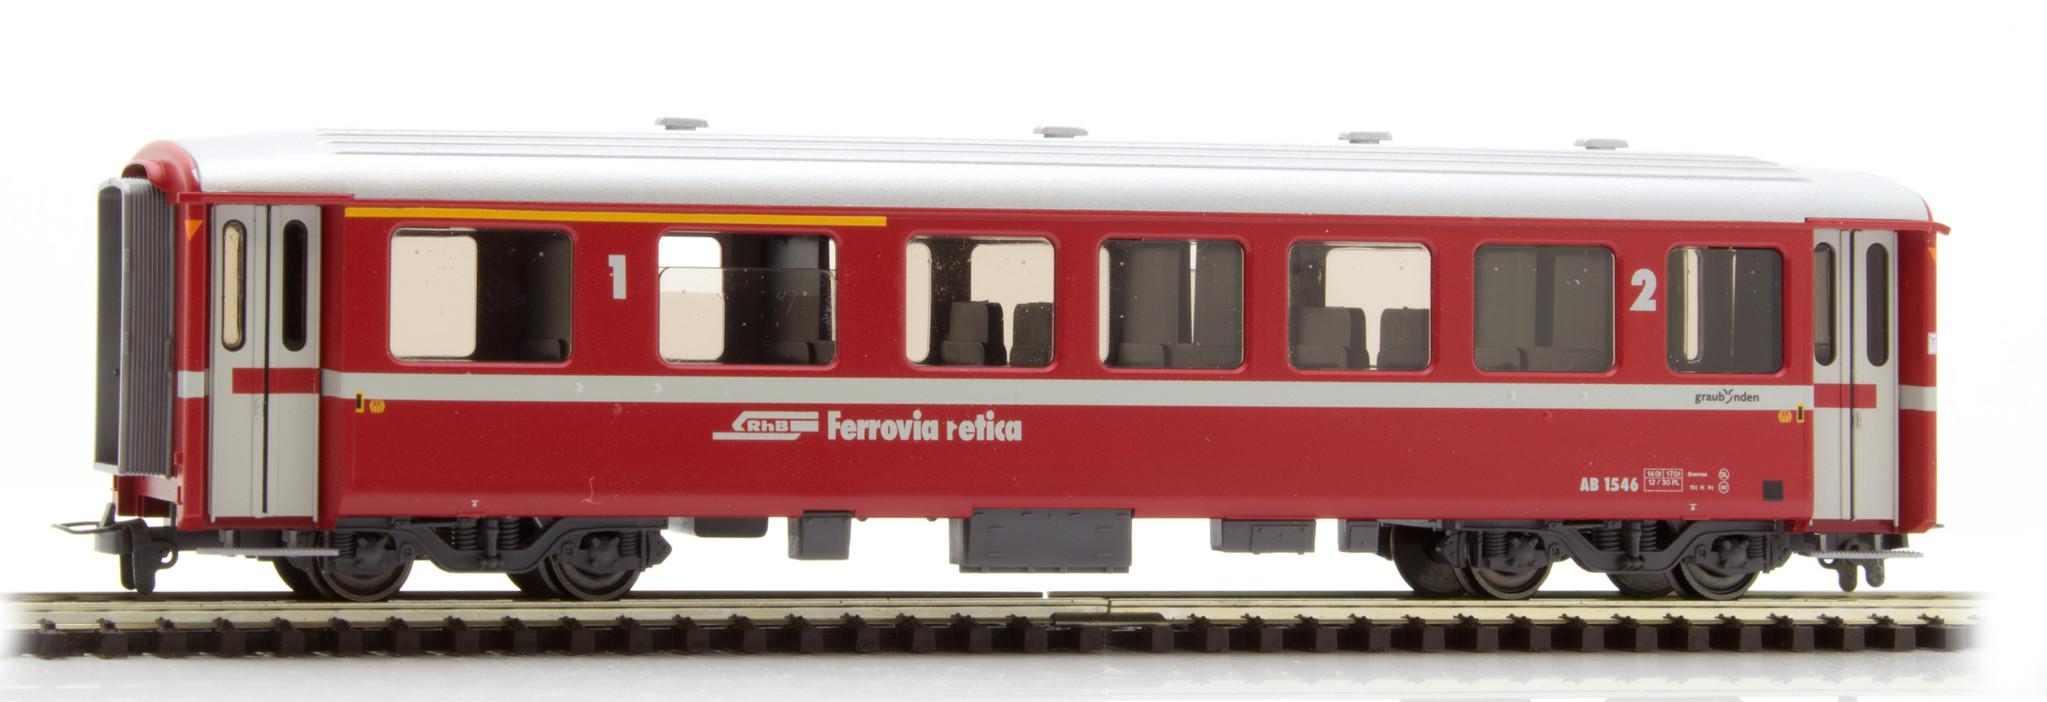 3256166 RhB AB 1546 Einheitswagen I Berninabahn neurot-1